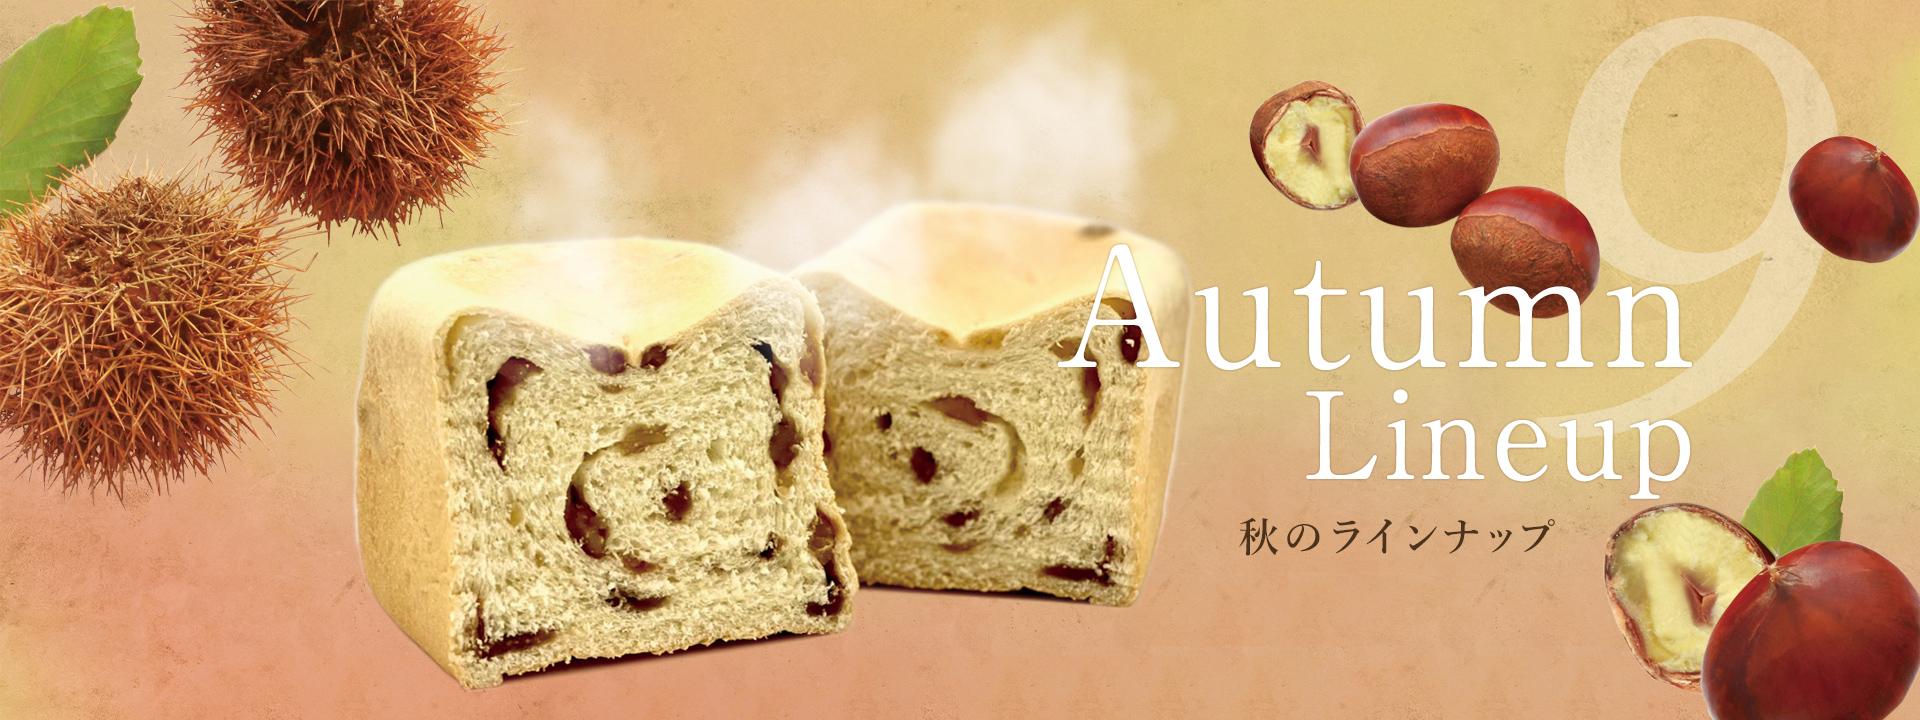 恵比寿のスチパン トーストスチパンで食パンのある生活